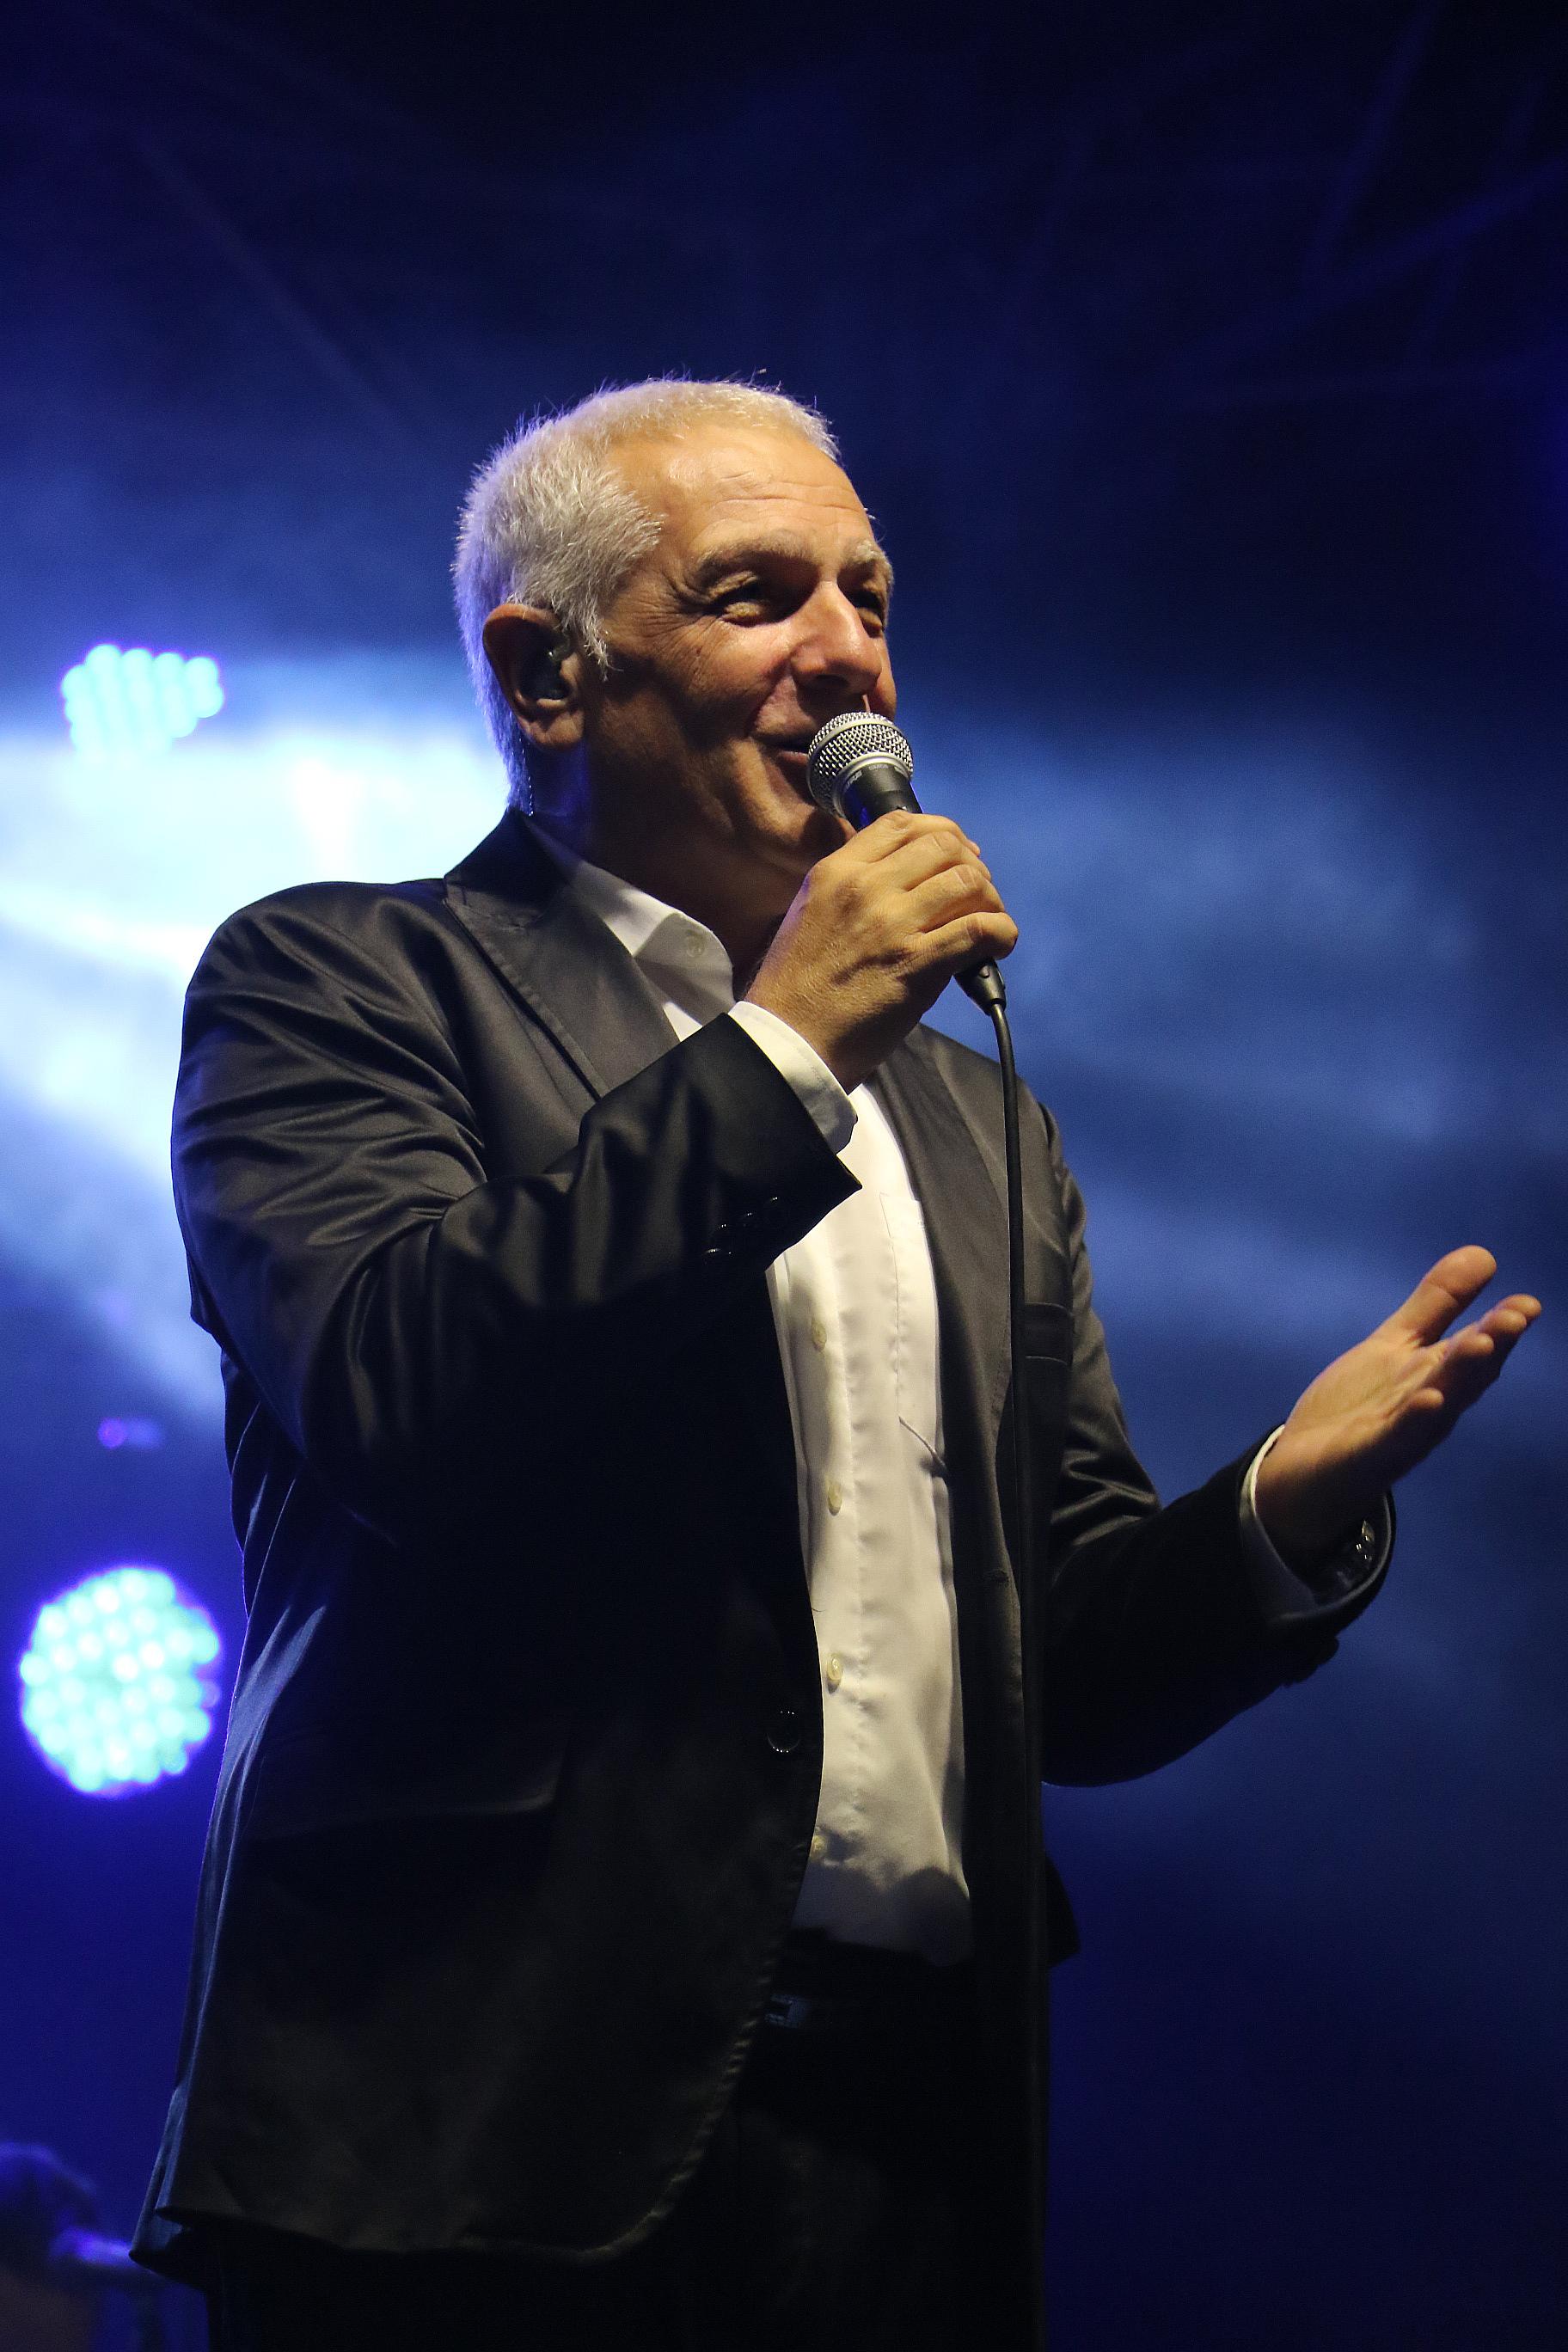 Željko Samardžić održao koncert u Svrljigu